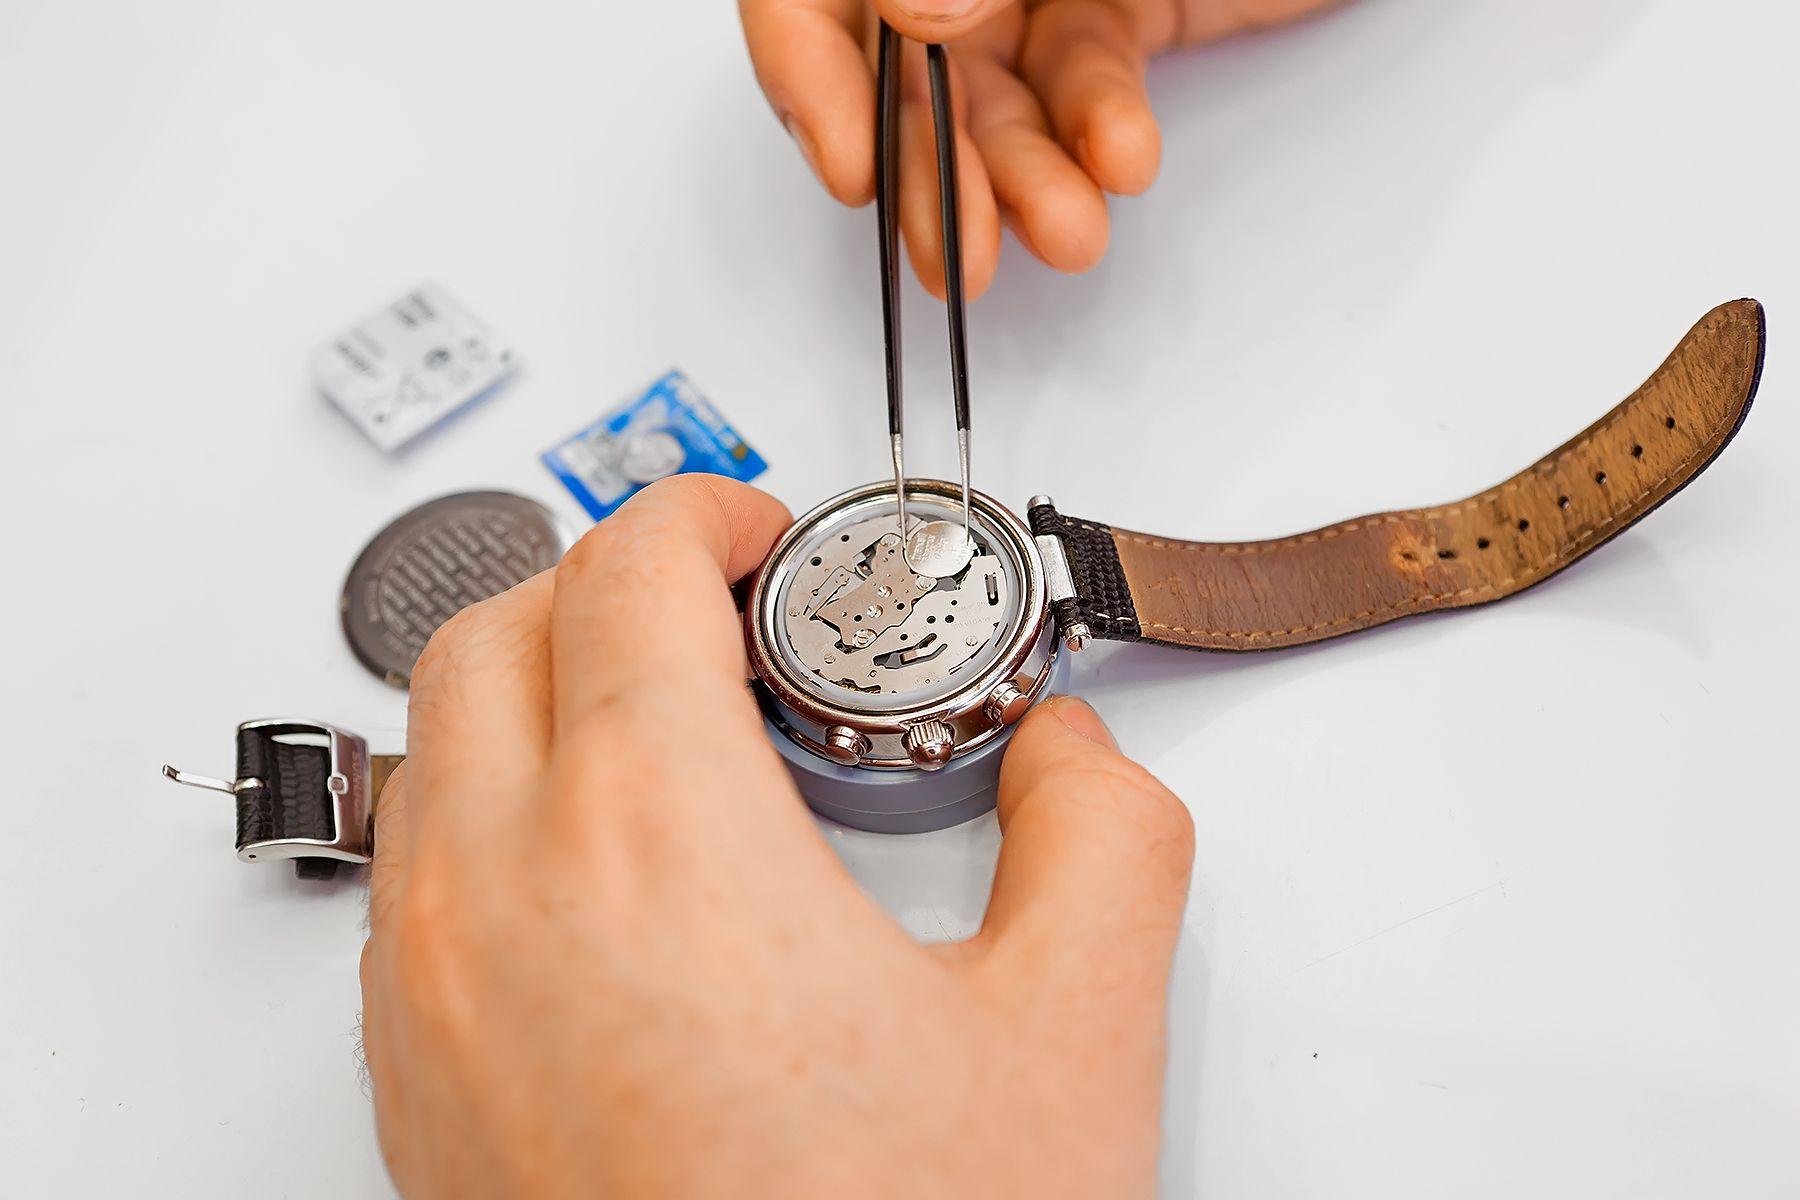 продам наручные часы